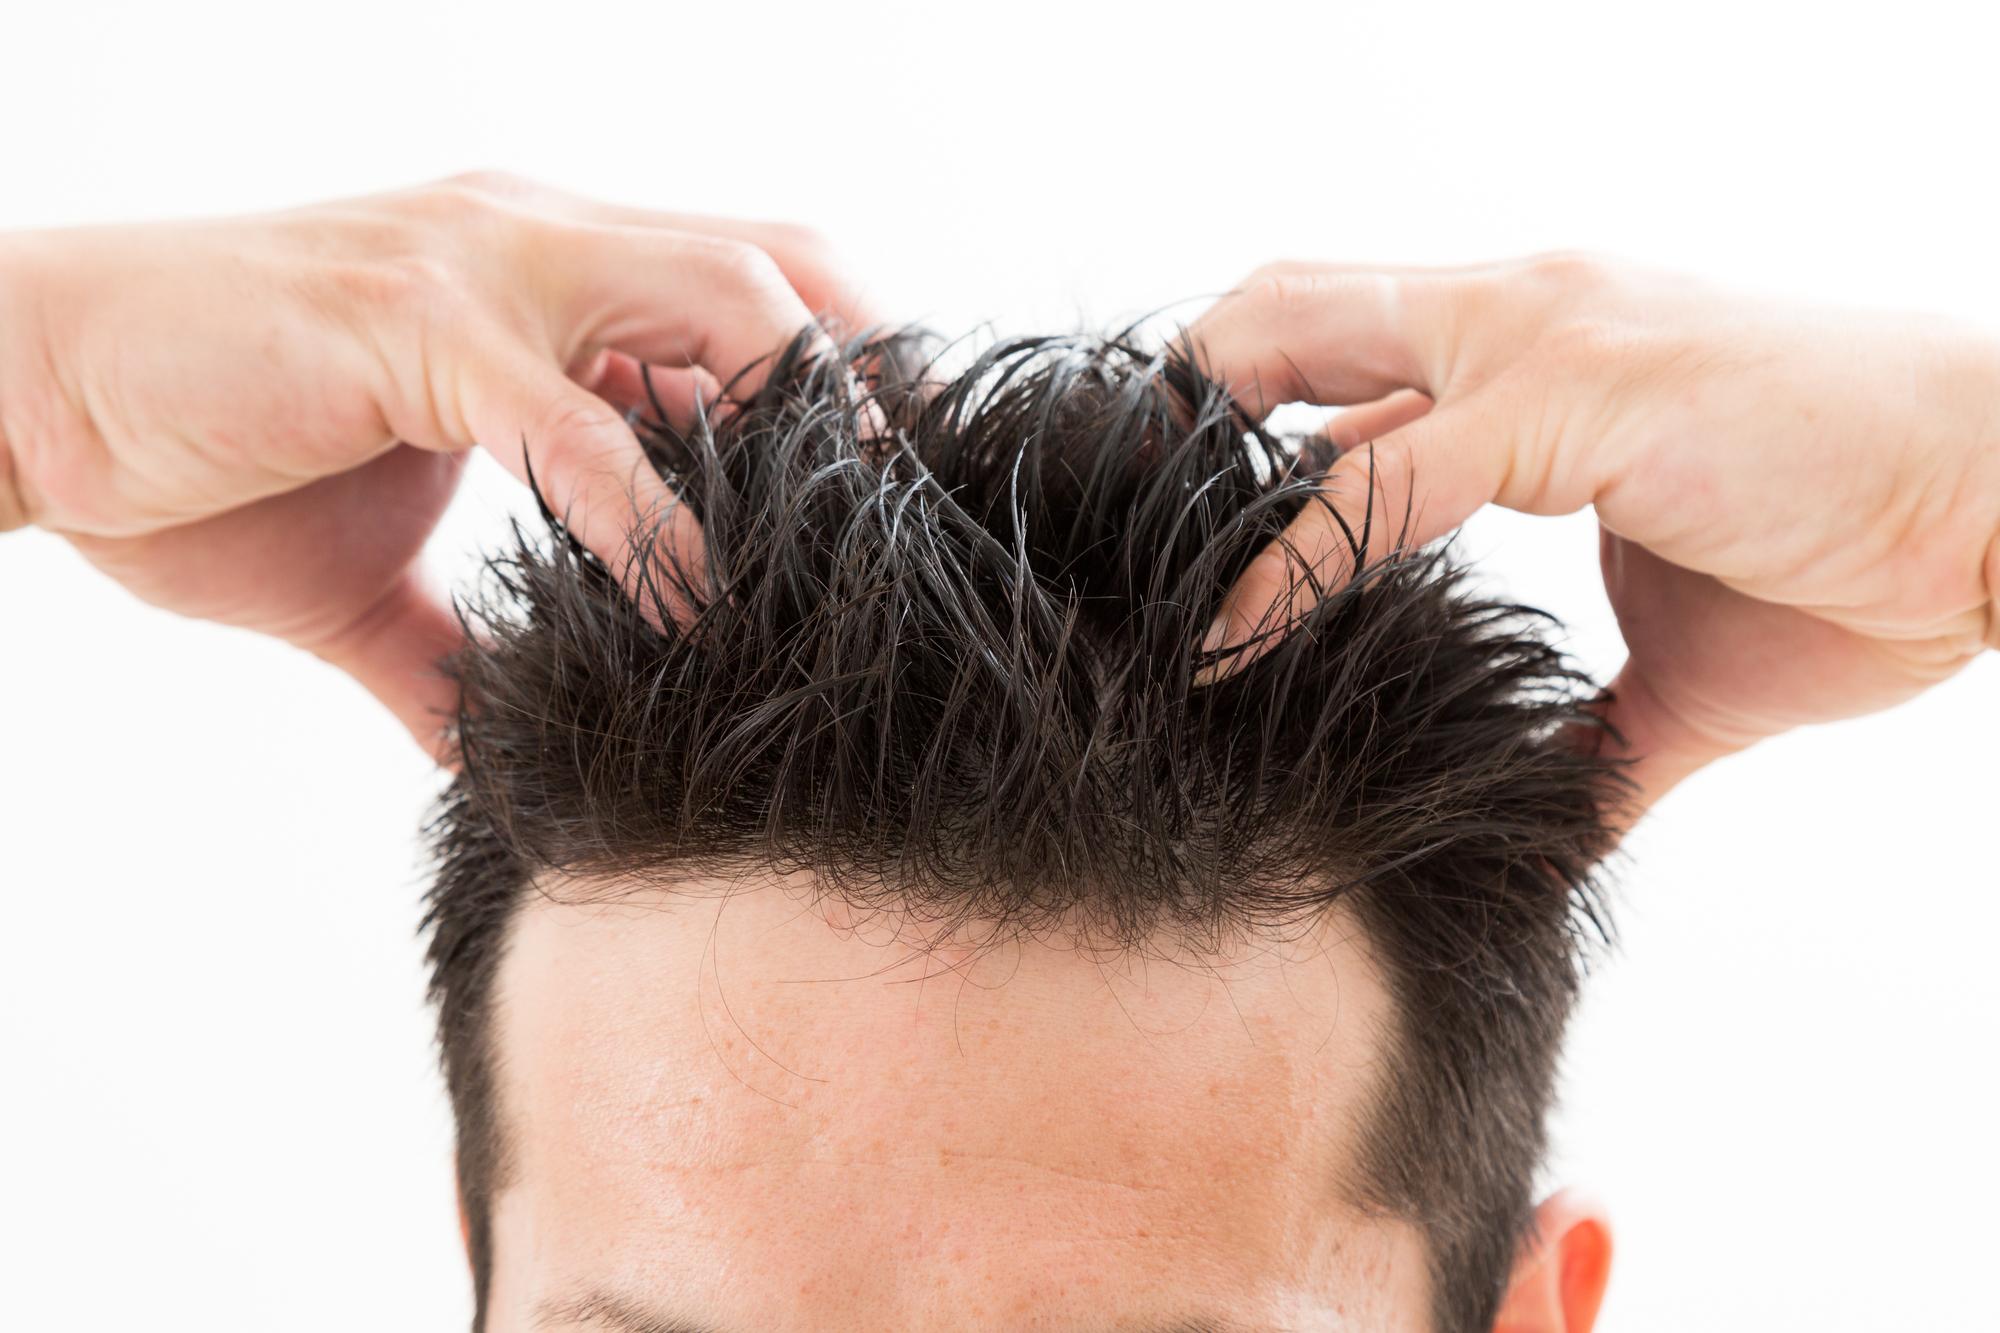 抜け毛を改善したい!効果的な方法ってある?